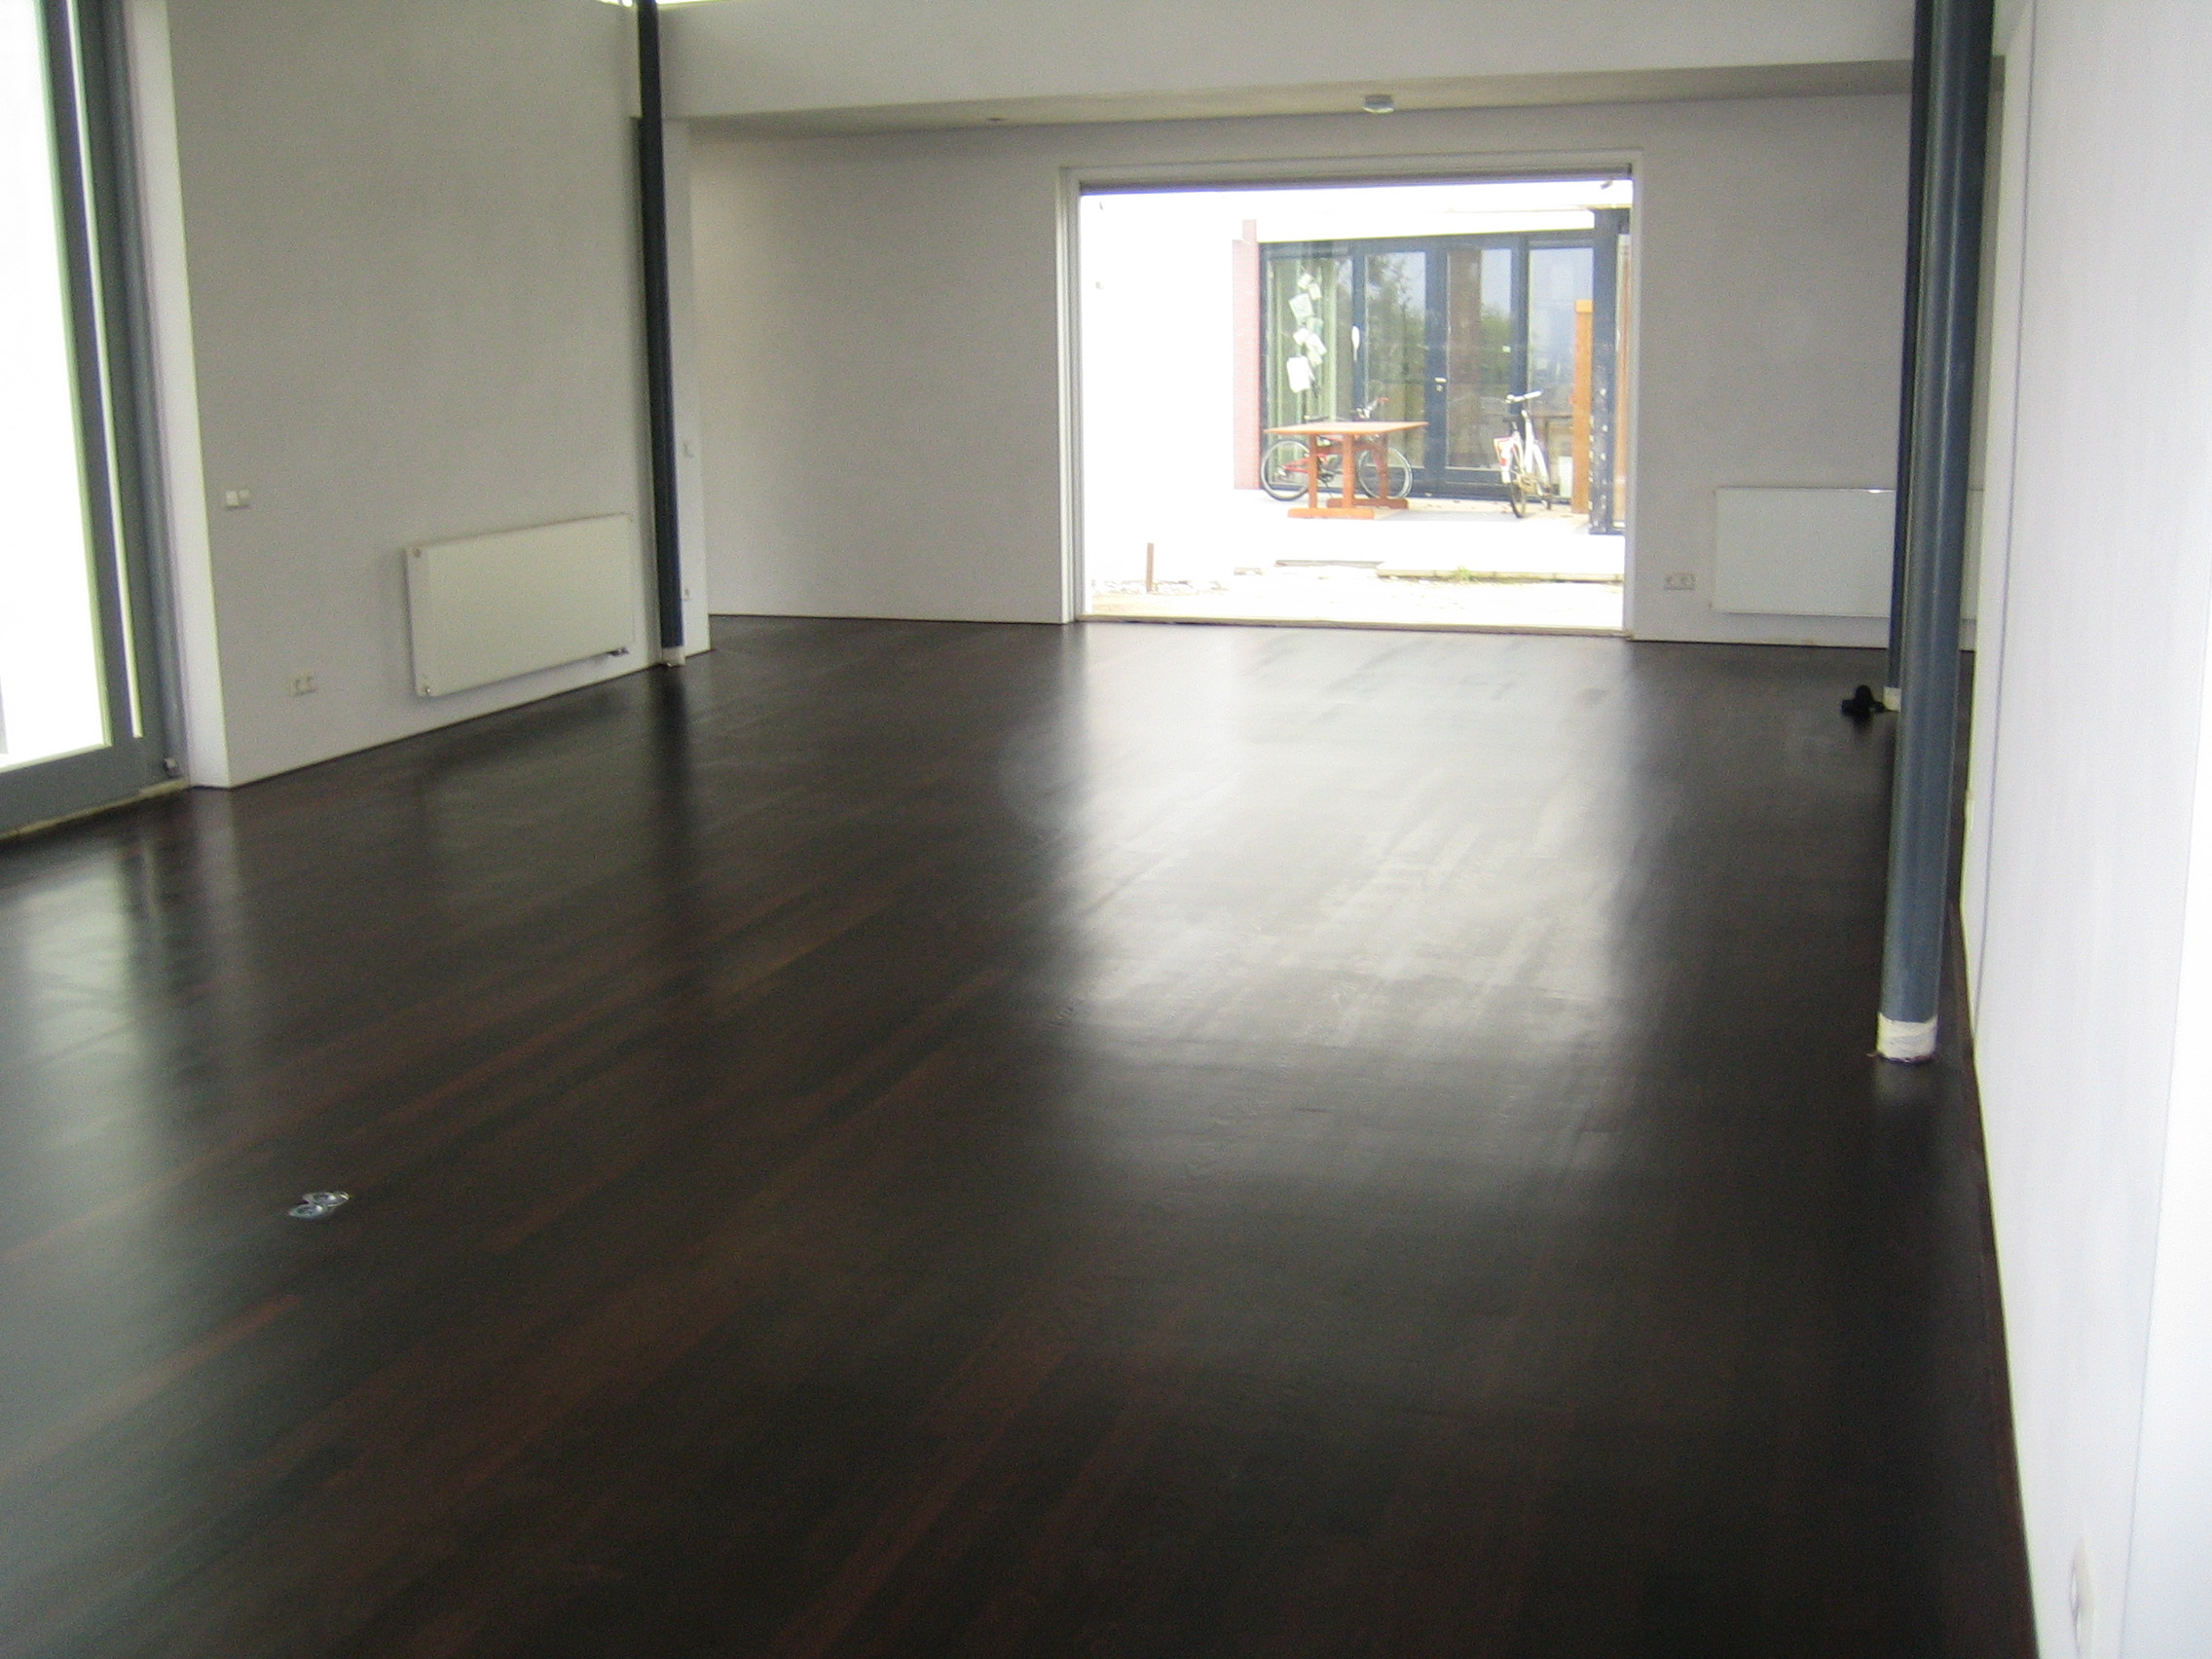 Mooievloeren uw houten vloeren parketvloeren specialist